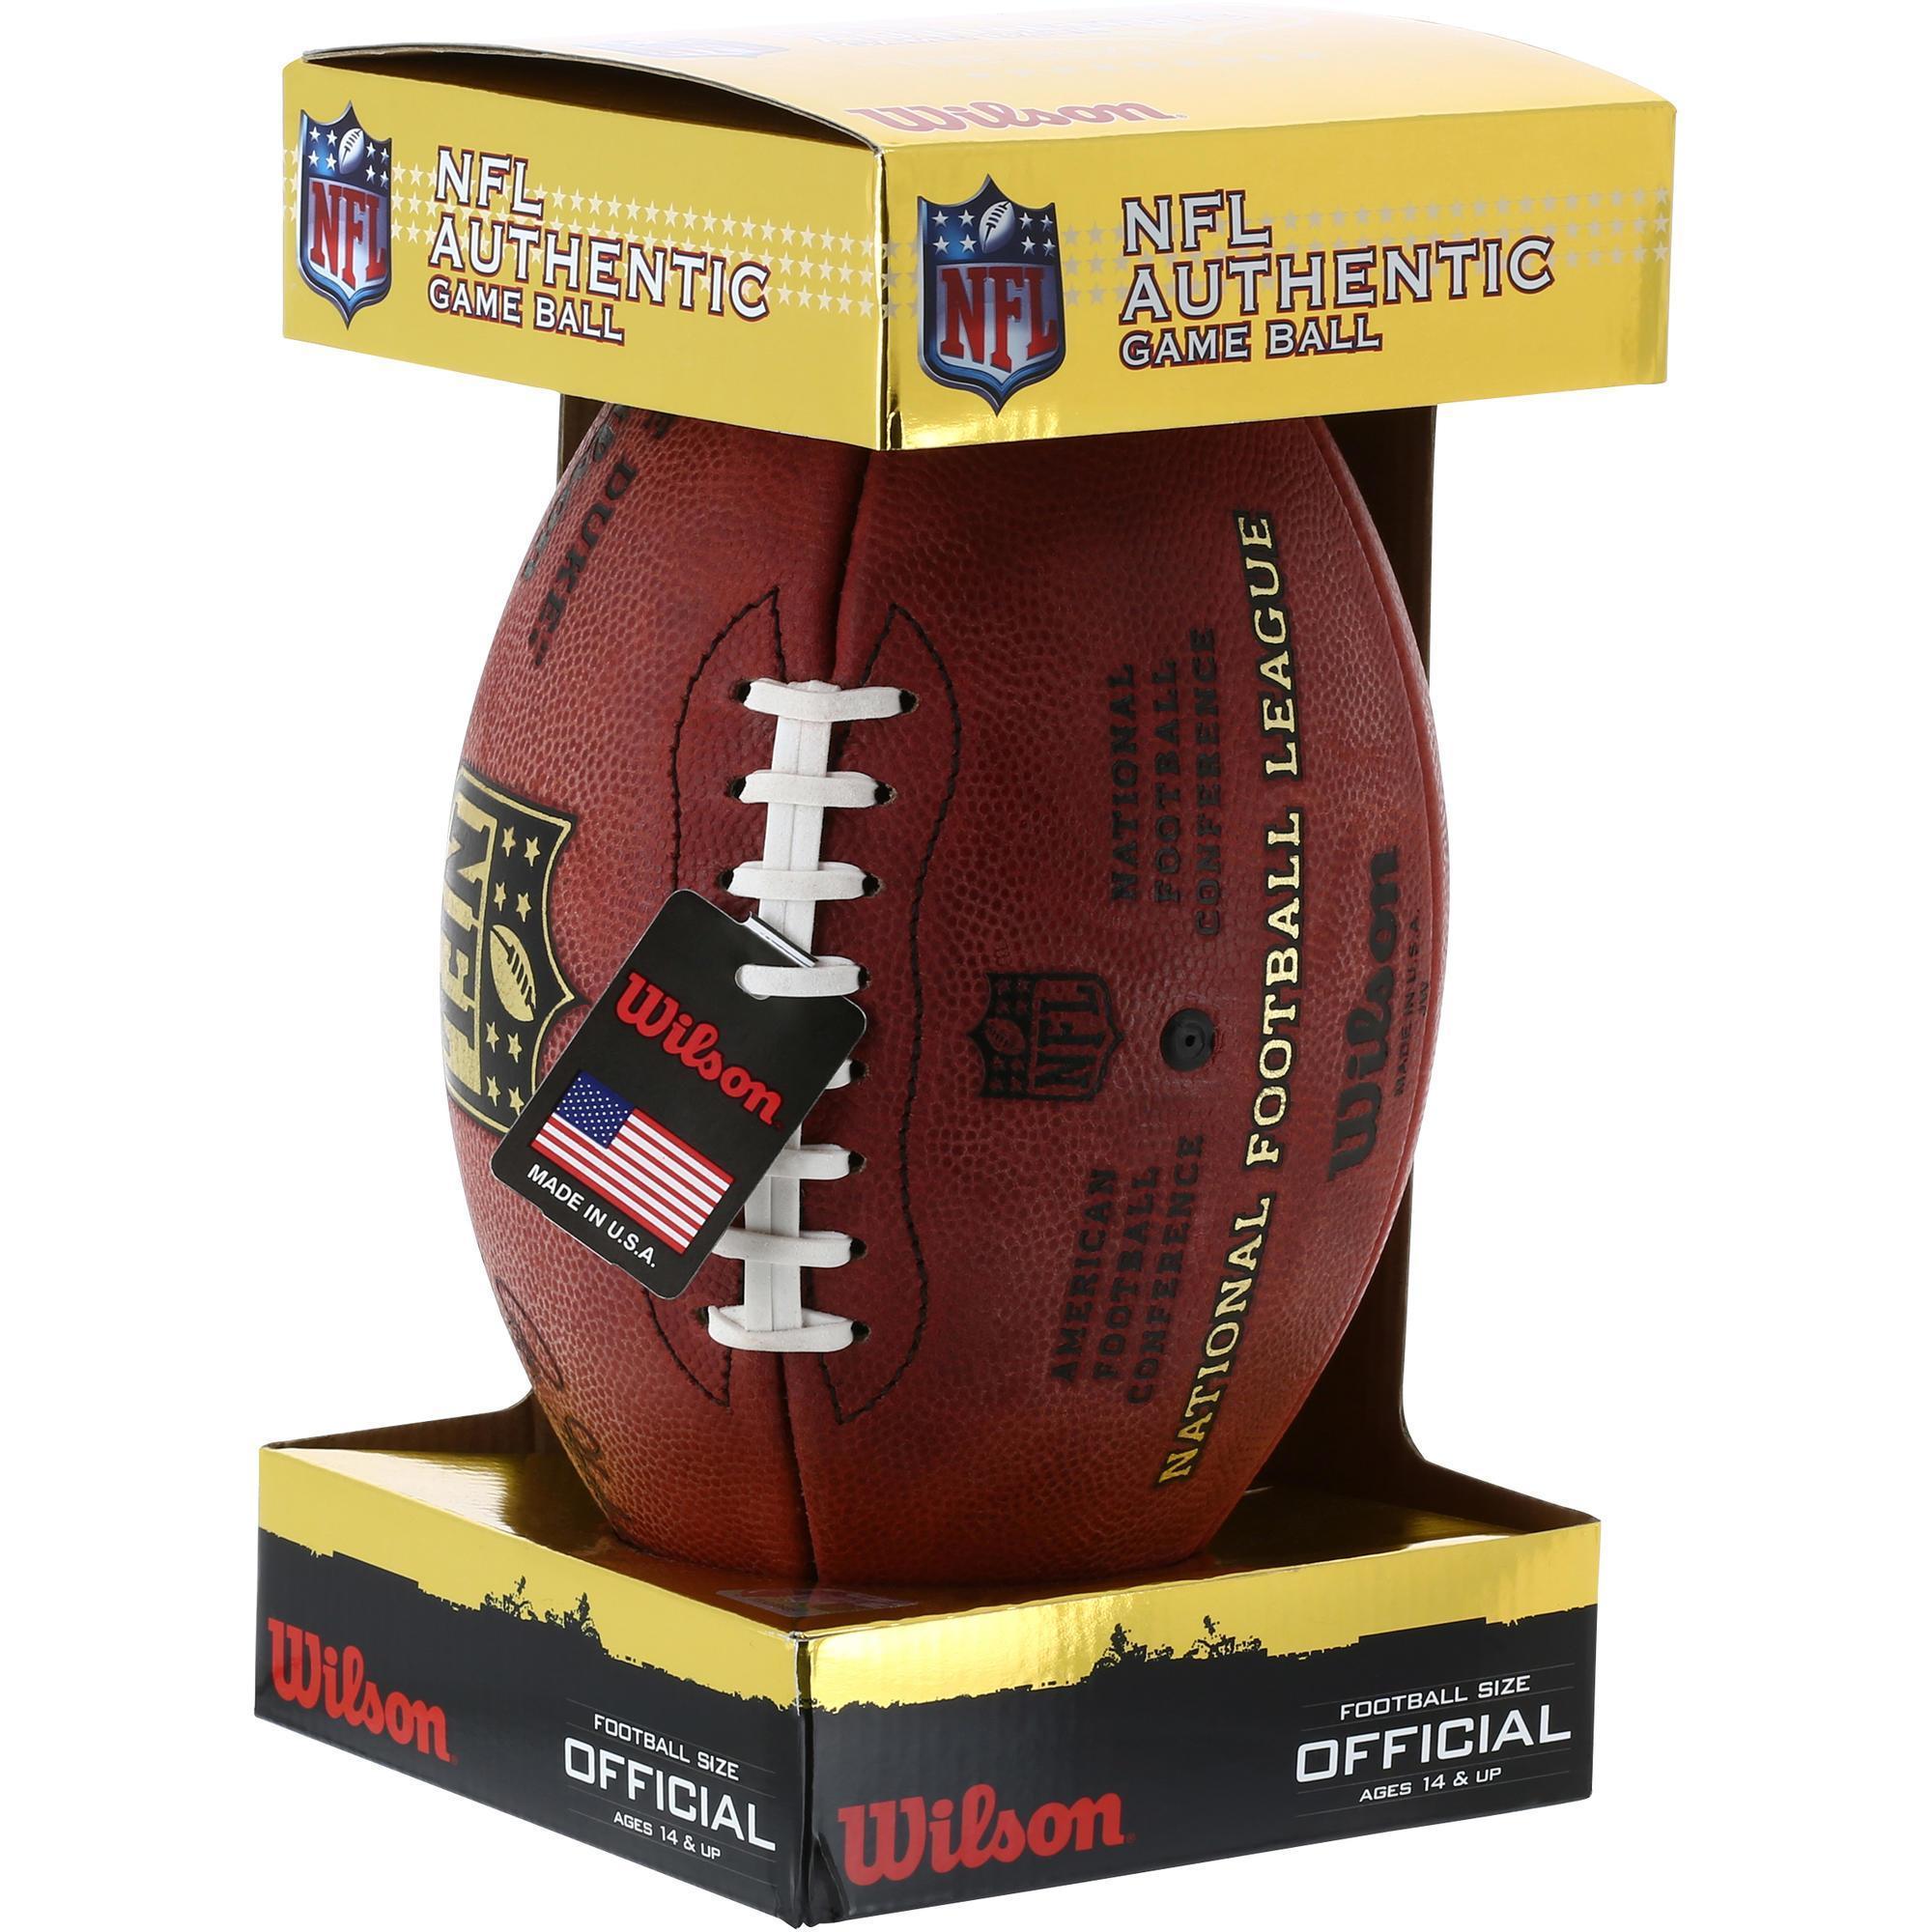 Wilson American football 'the Duke', officiële NFL bal kopen